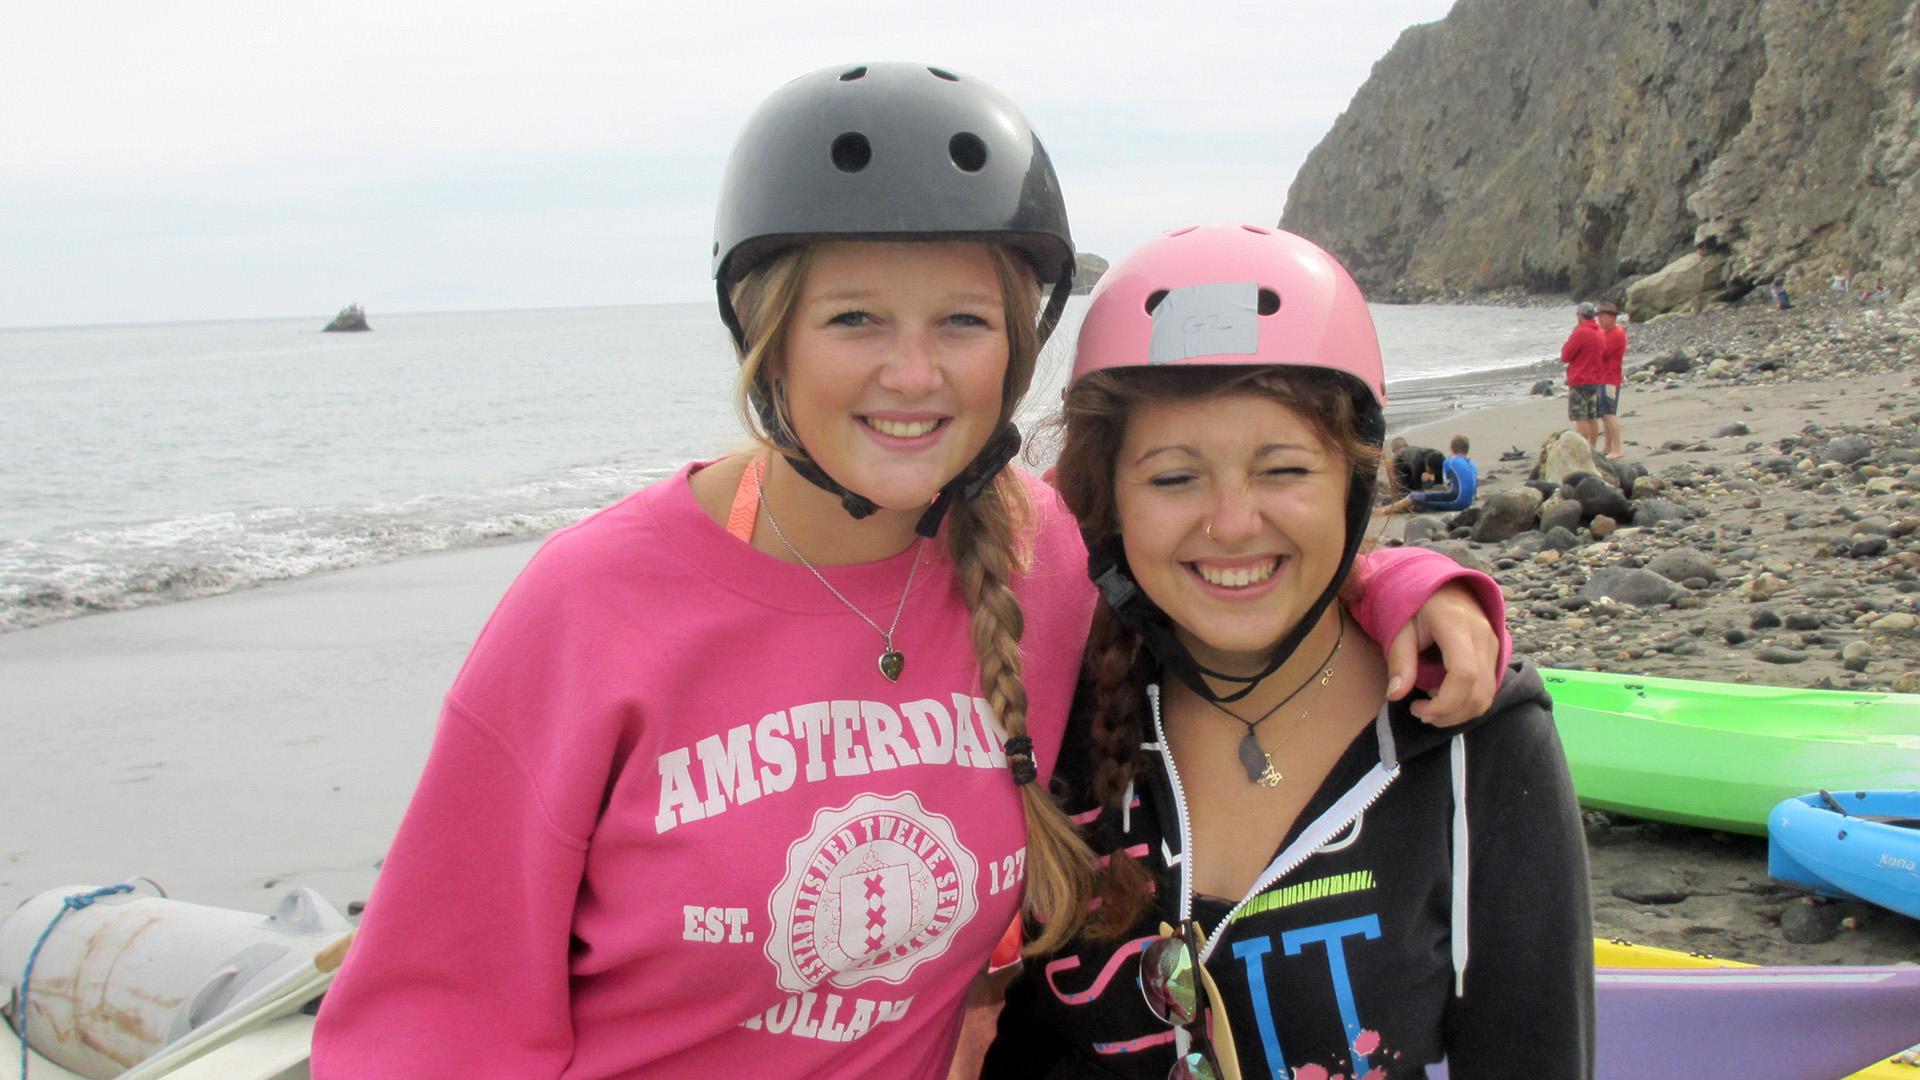 Stefanie in a pink sweatshirt & black helmet; Zeinab in a black sweatshirt & pink helmet.